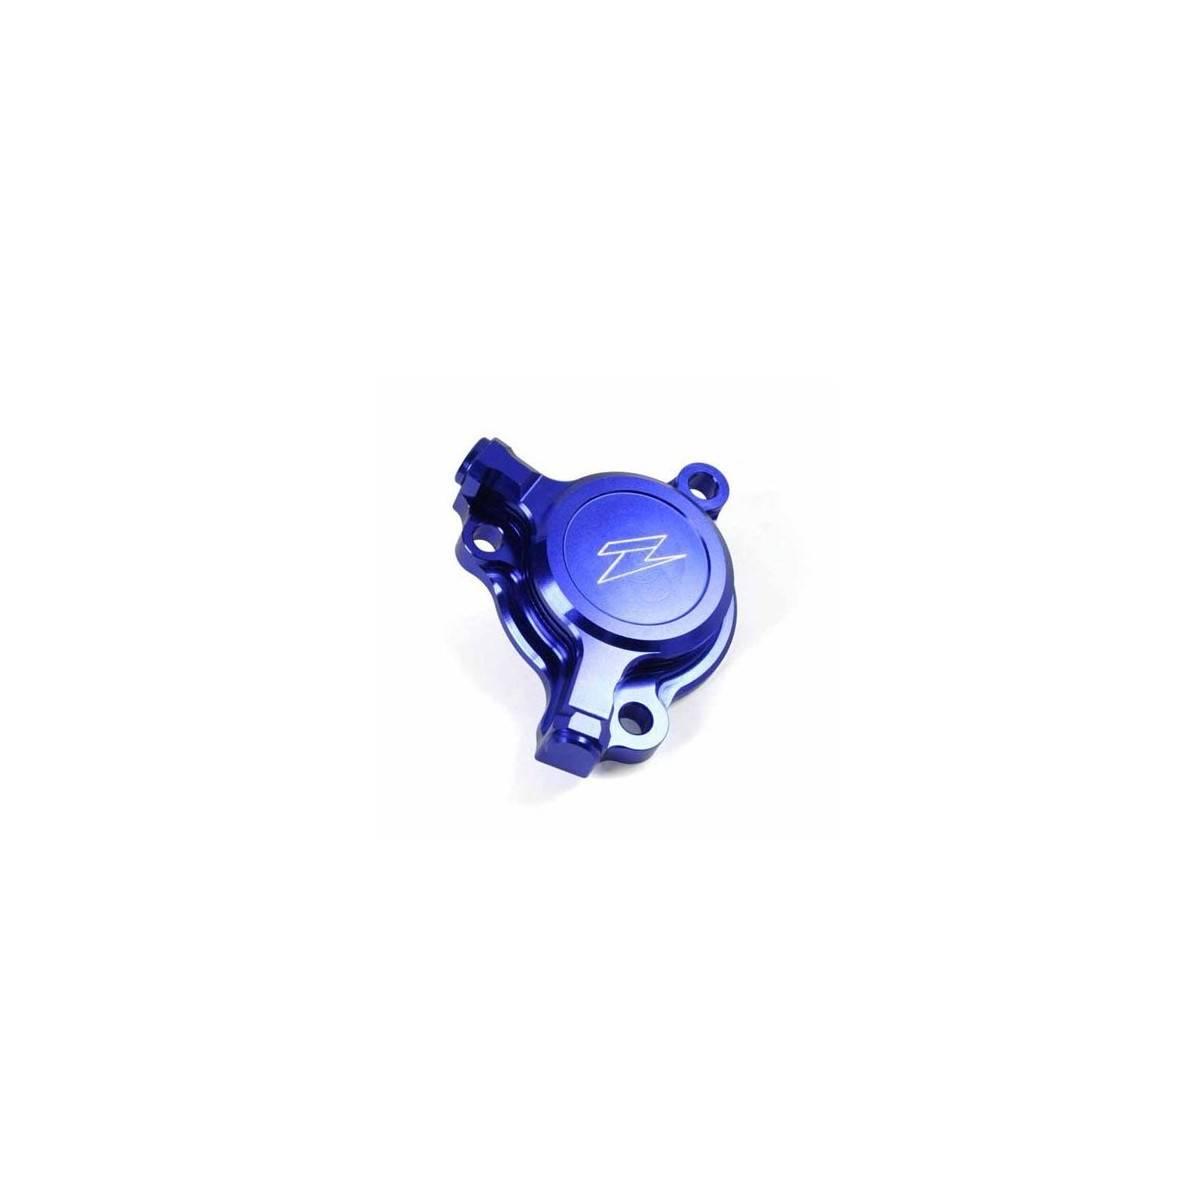 ZE90.1352 - Tapa Filtro Aceite Zeta Yz250F´03-, Yz450F´03-09, Wr250F 450F´03 Azul